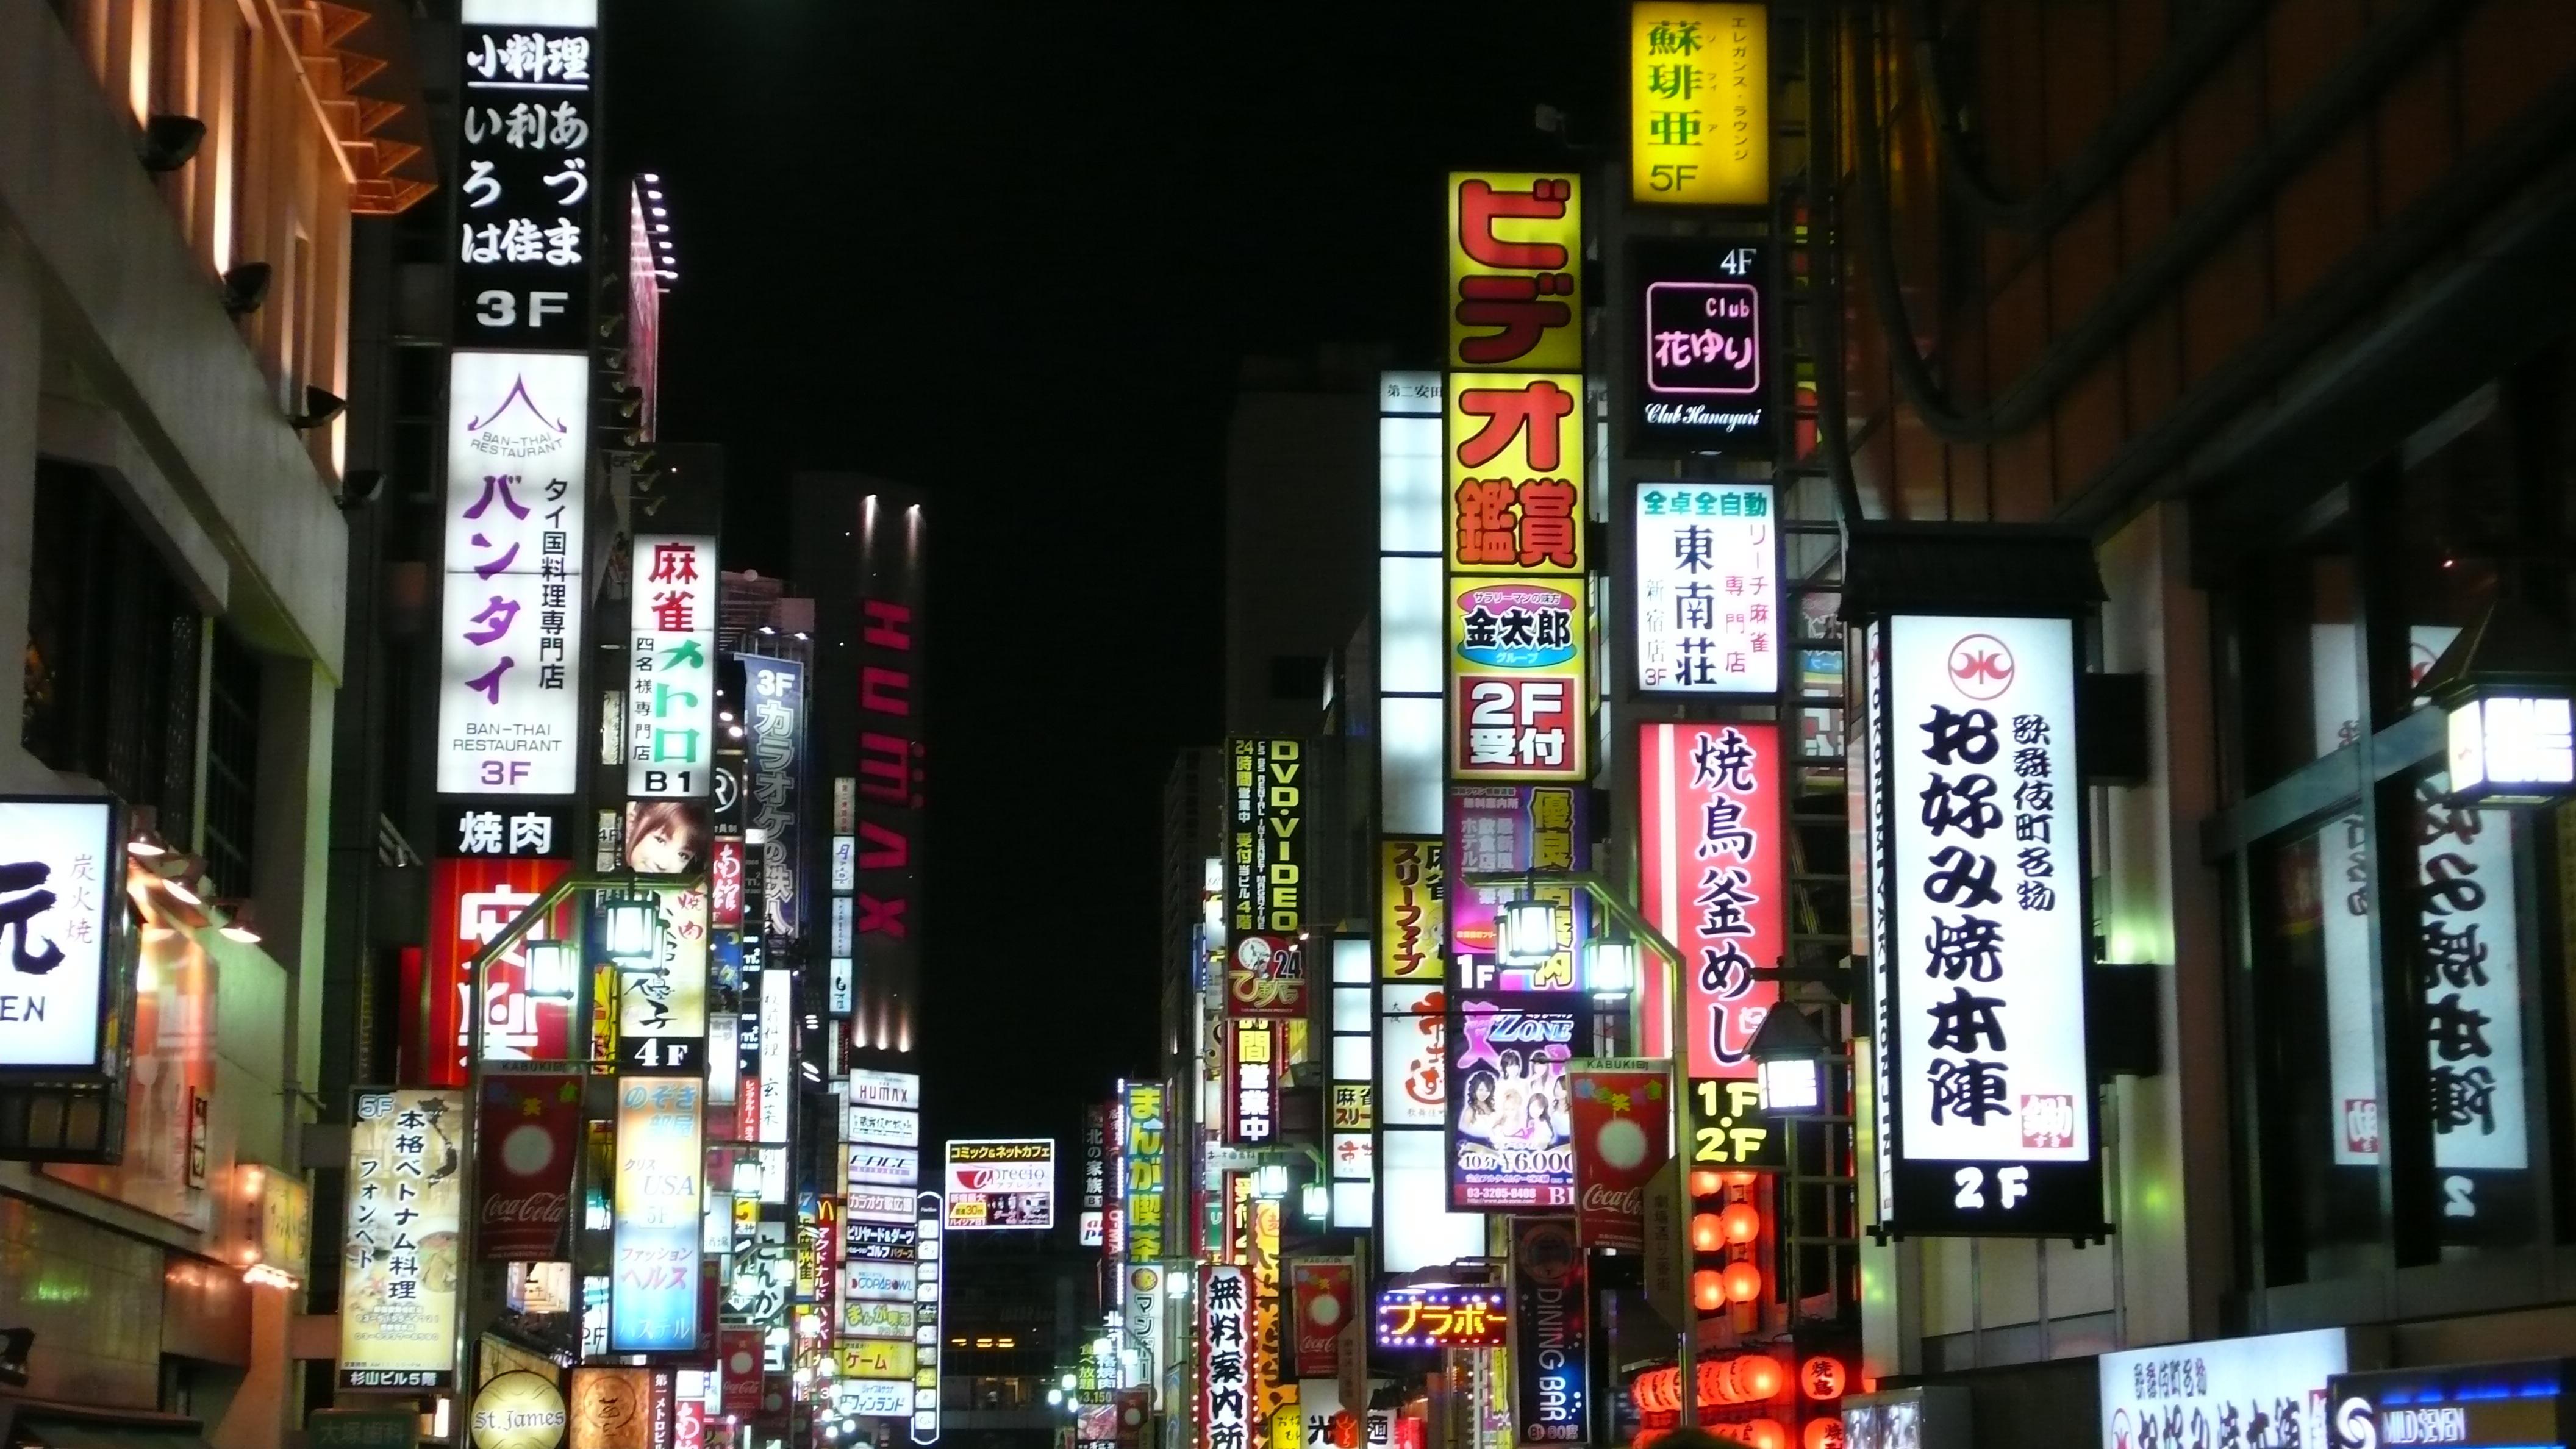 Ночной Токио Japan, Tokyo, night бесплатно